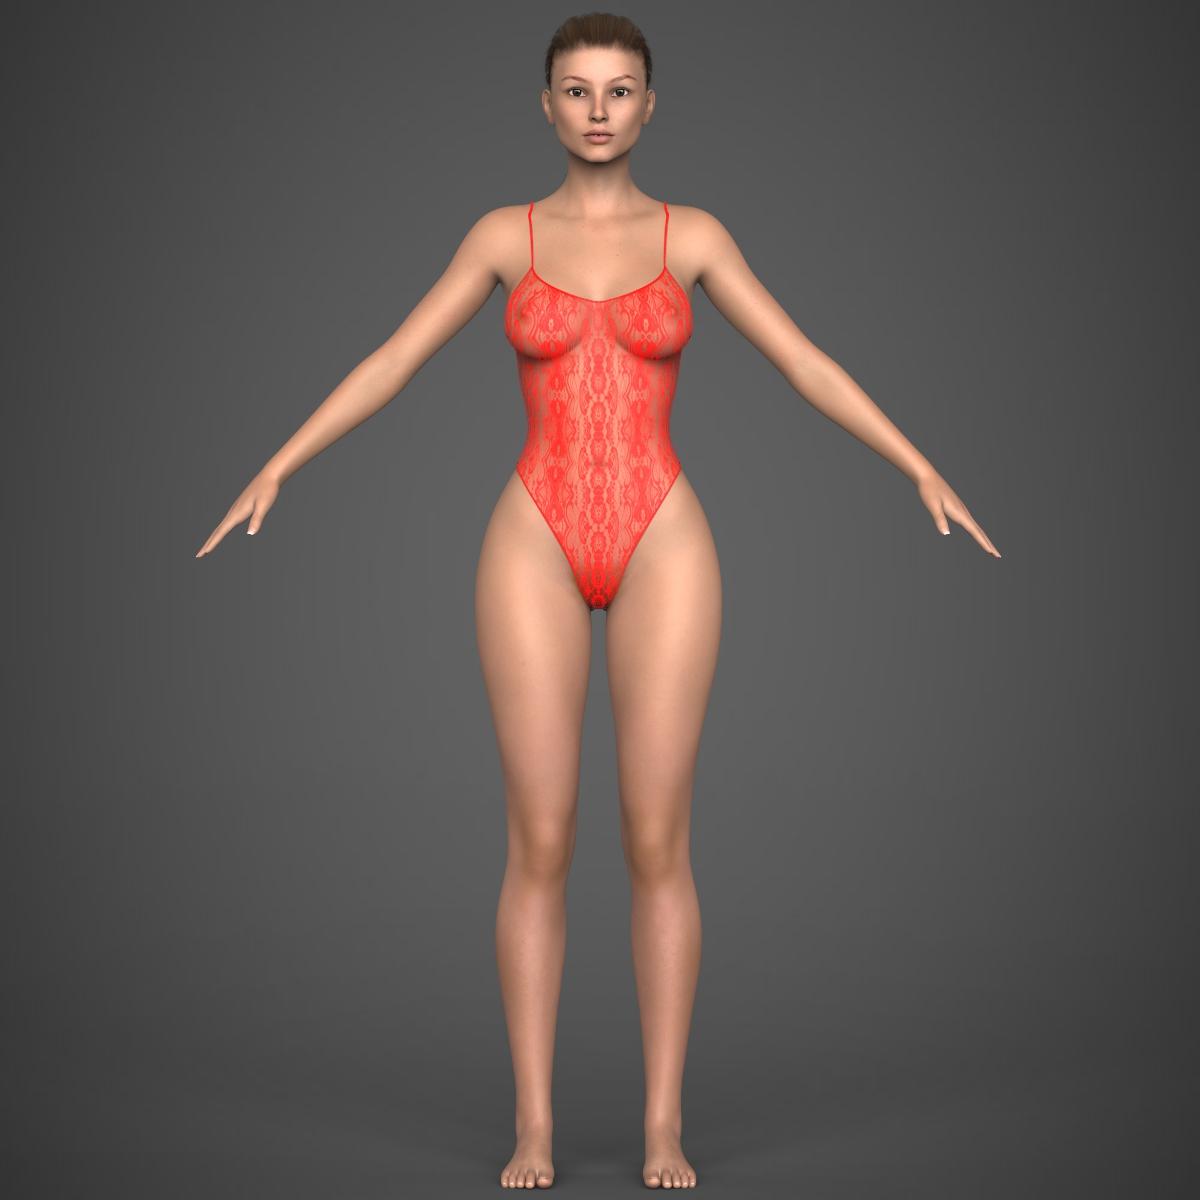 realistic young girl 3d model max fbx c4d ma mb texture obj 220927